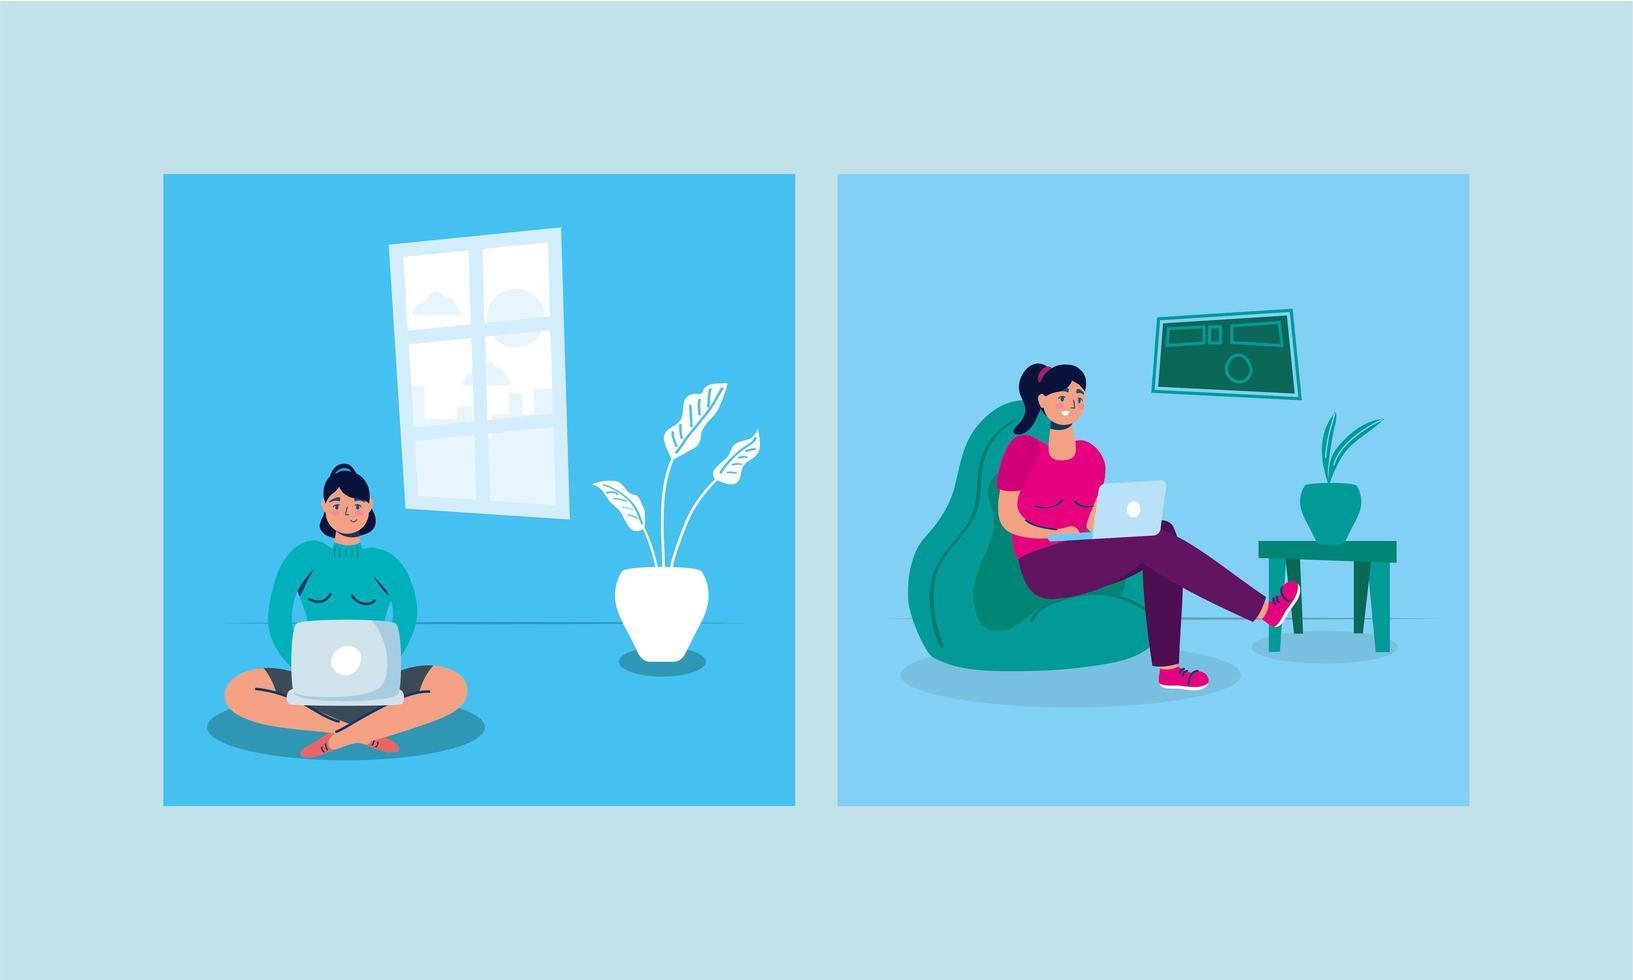 Las mujeres que usan el portátil en el sofá campaña para quedarse en casa. vector